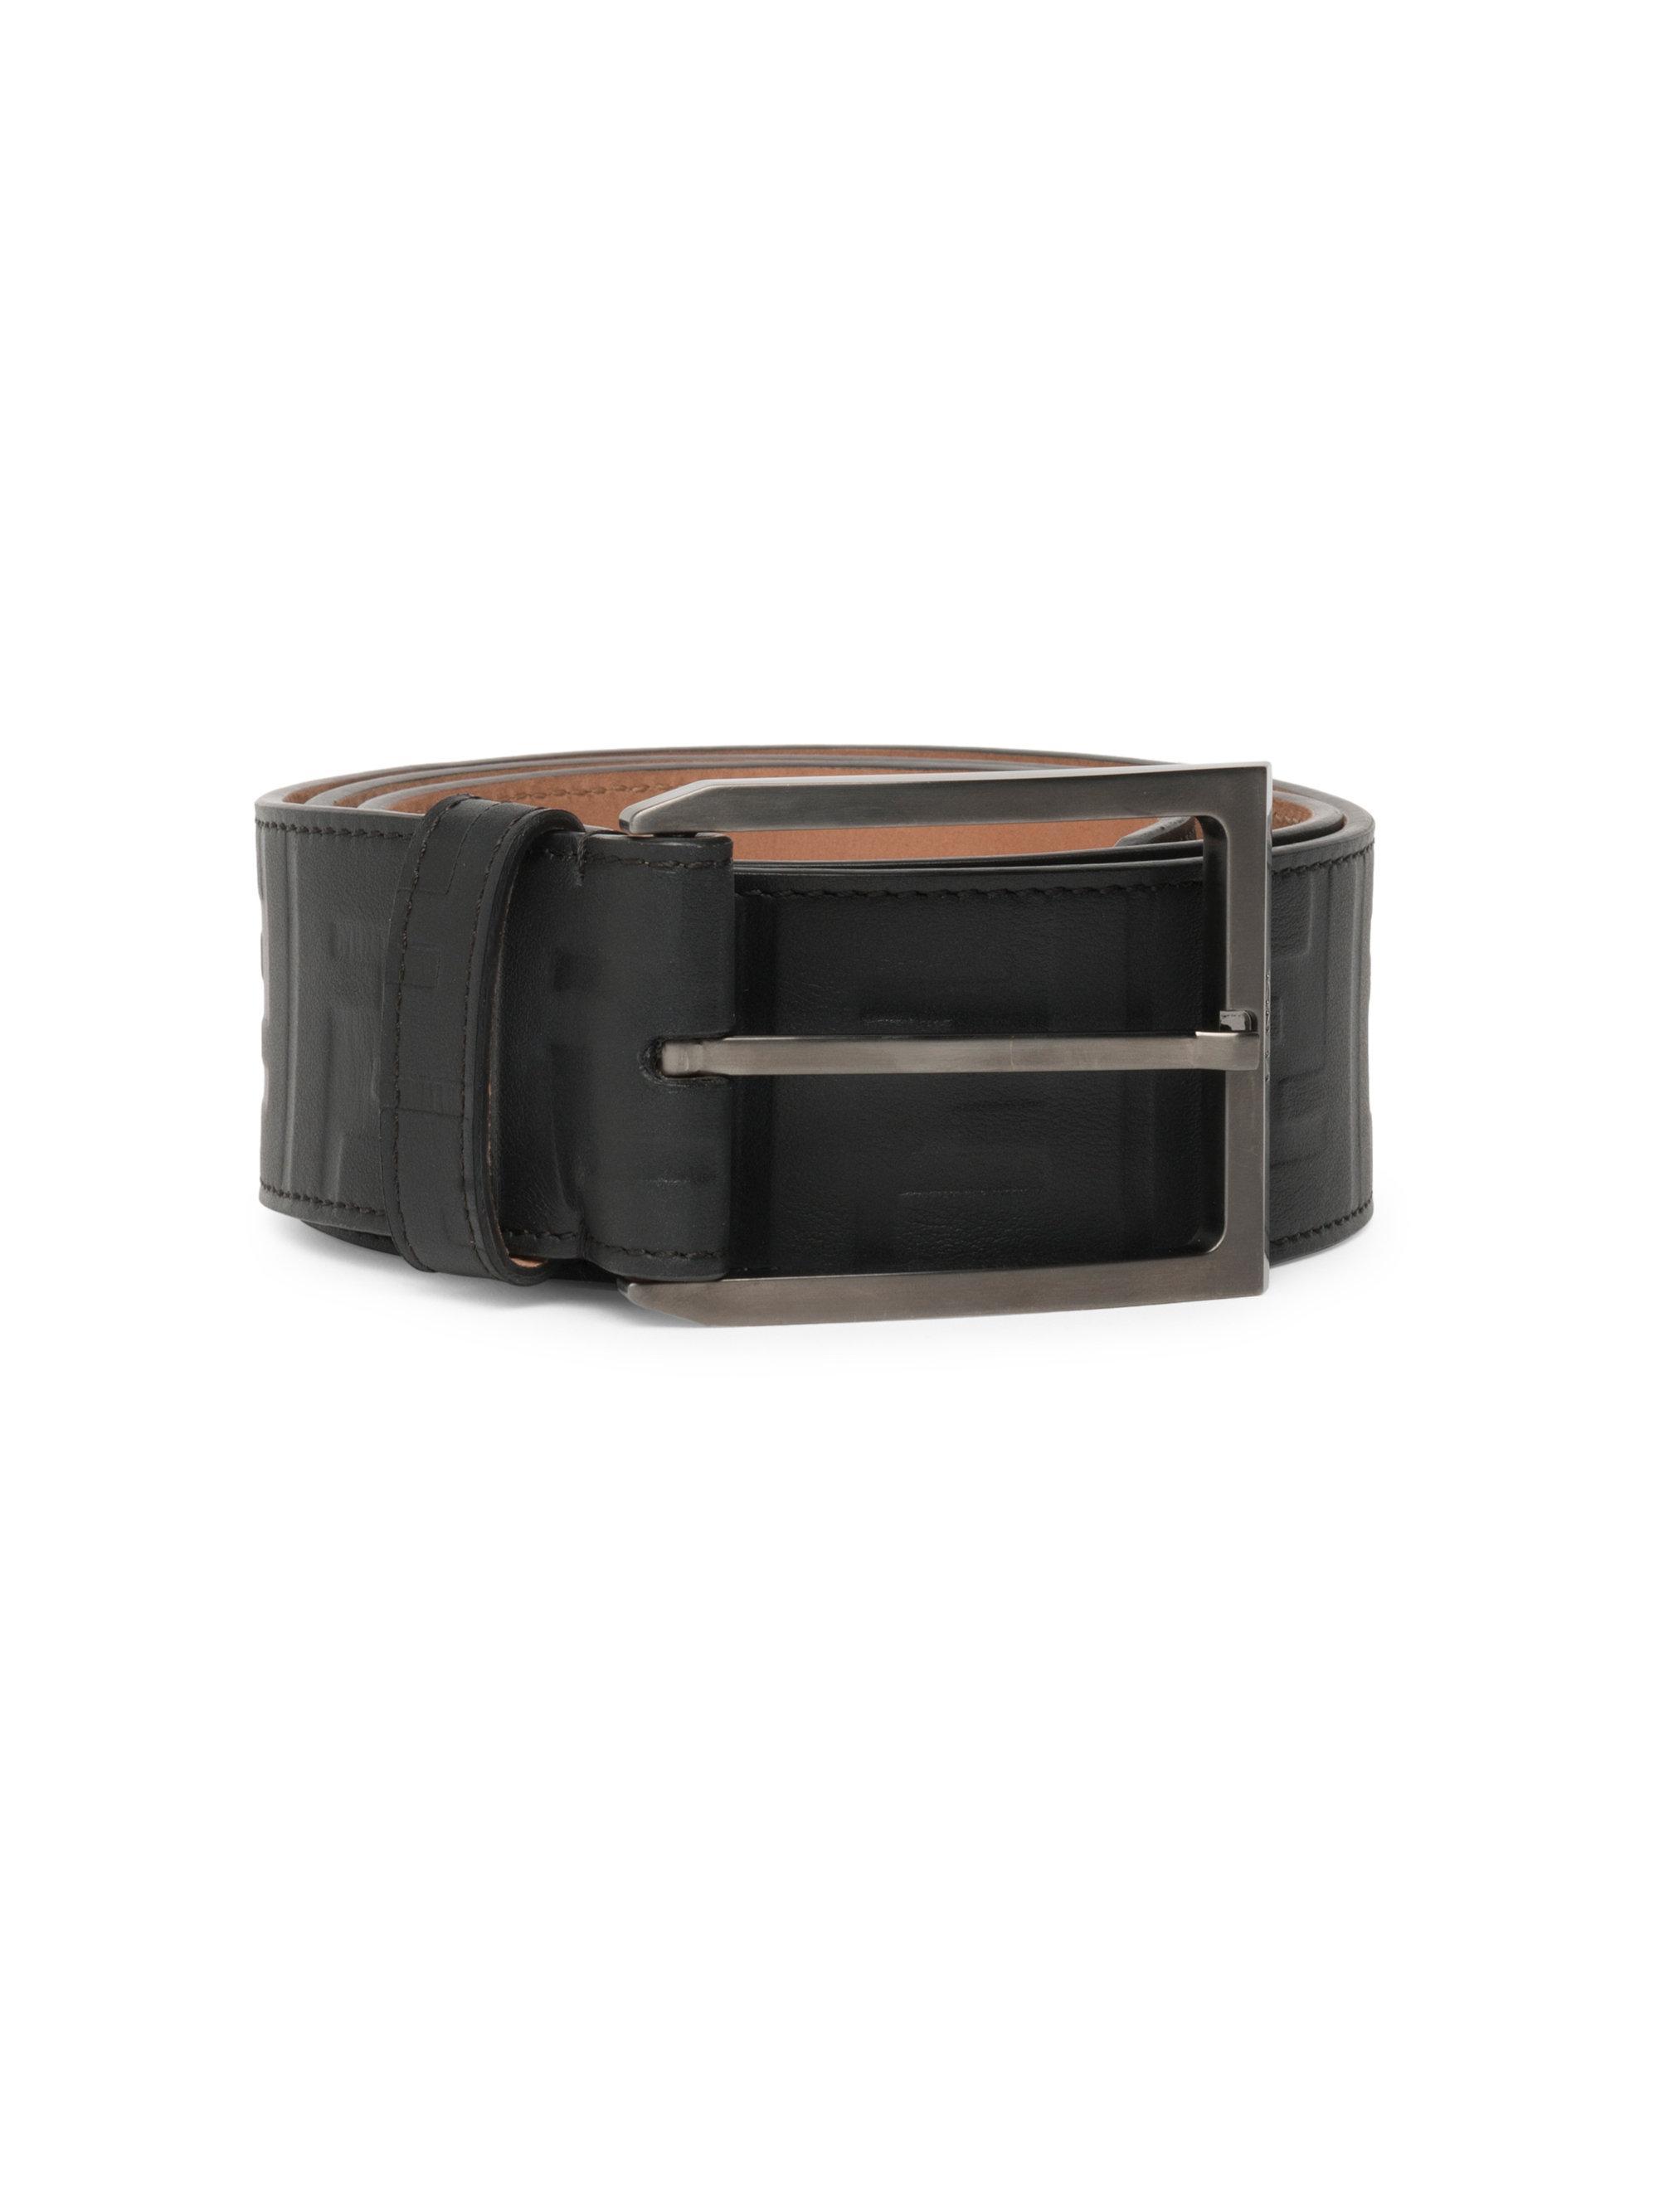 7f93e9243311 Fendi Vitello Grace Zucca Embossed Leather Belt in Black for Men - Lyst